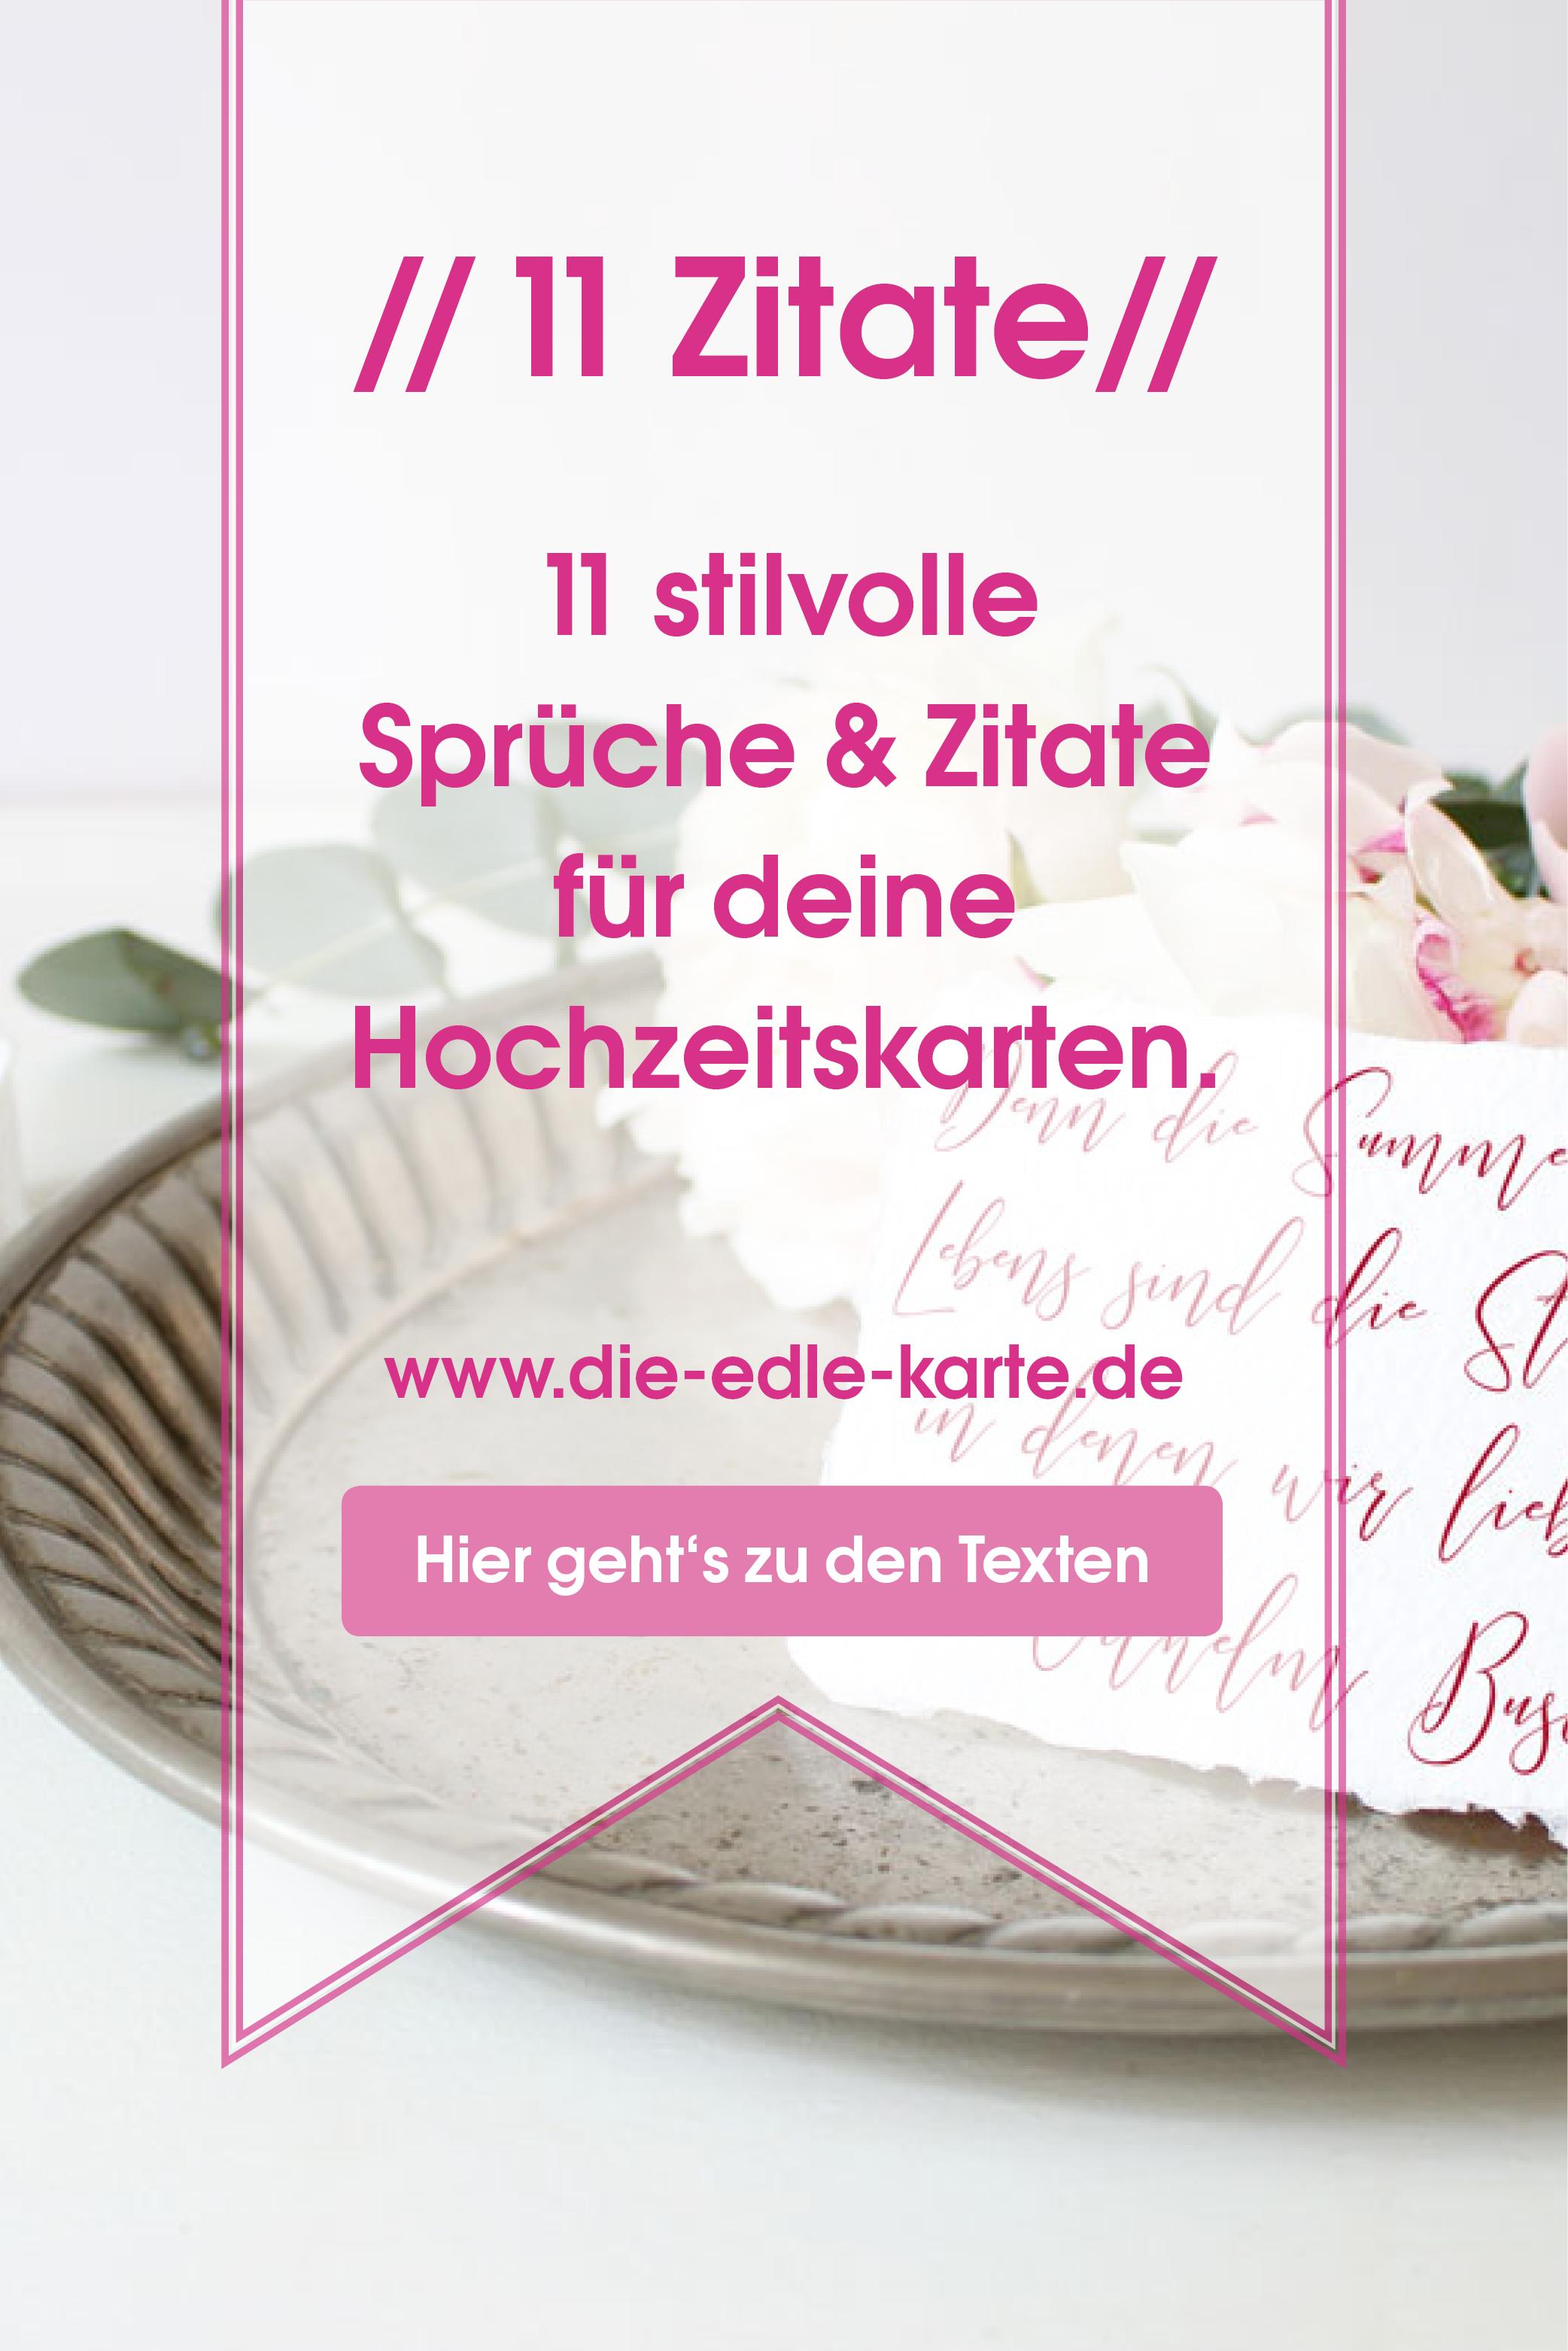 11 Stilvolle Hochzeitssprüche Für Deine Einladungskarten